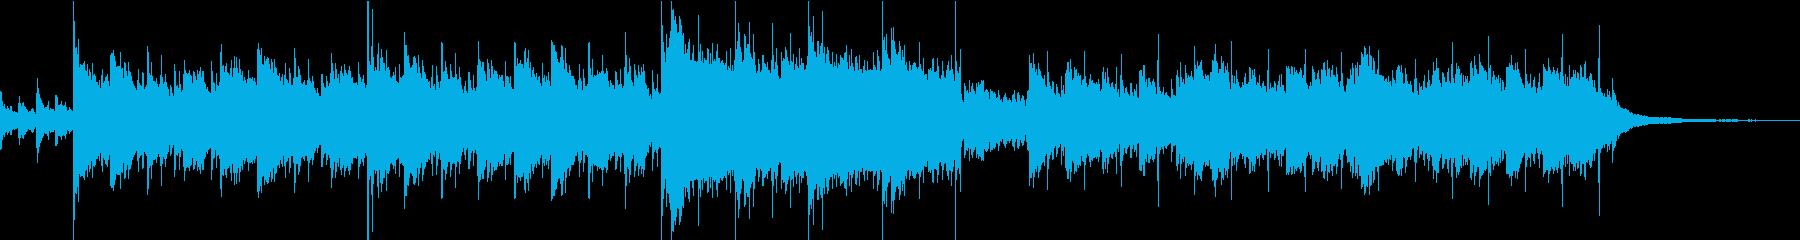 企業VPや映像/夜空・感動ストリングスの再生済みの波形